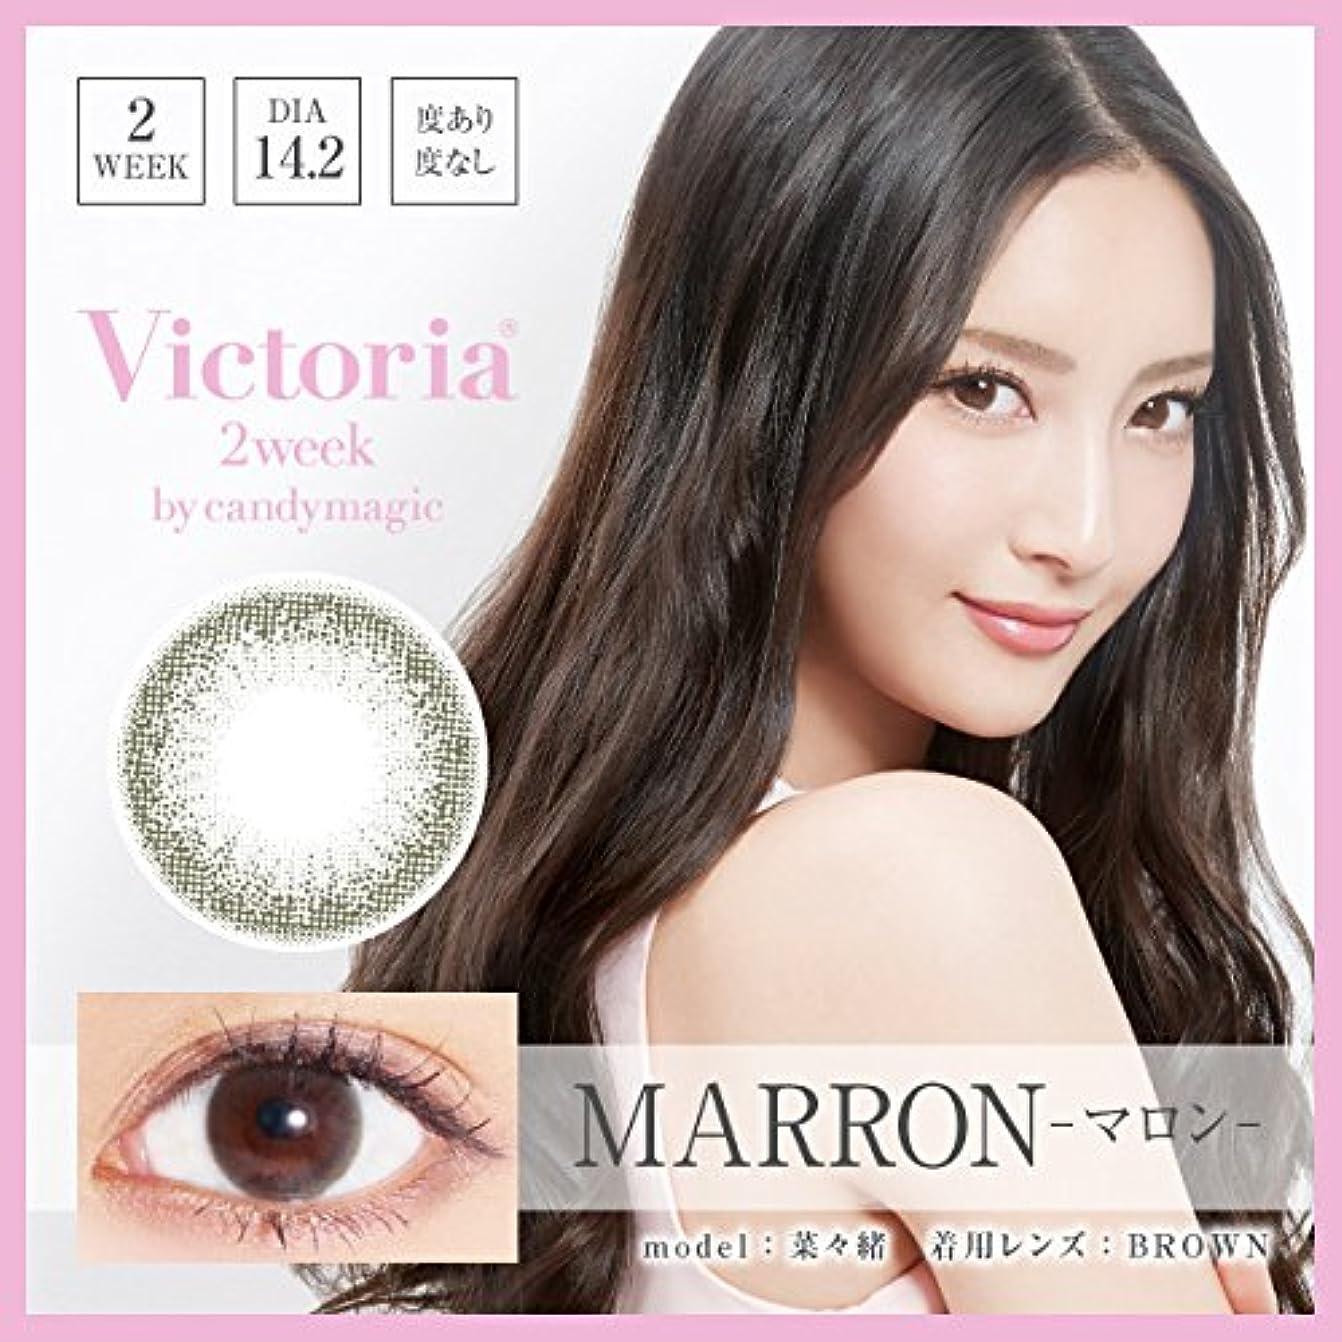 トイレセール電気Victoria 2week by candy magic(ヴィクトリア 2ウィーク) Victoria 2week by candy magic(ヴィクトリア 2ウィーク) MARRON(マロン) 度あり 6枚入り 2箱セット MARRON -4.75 6枚入り